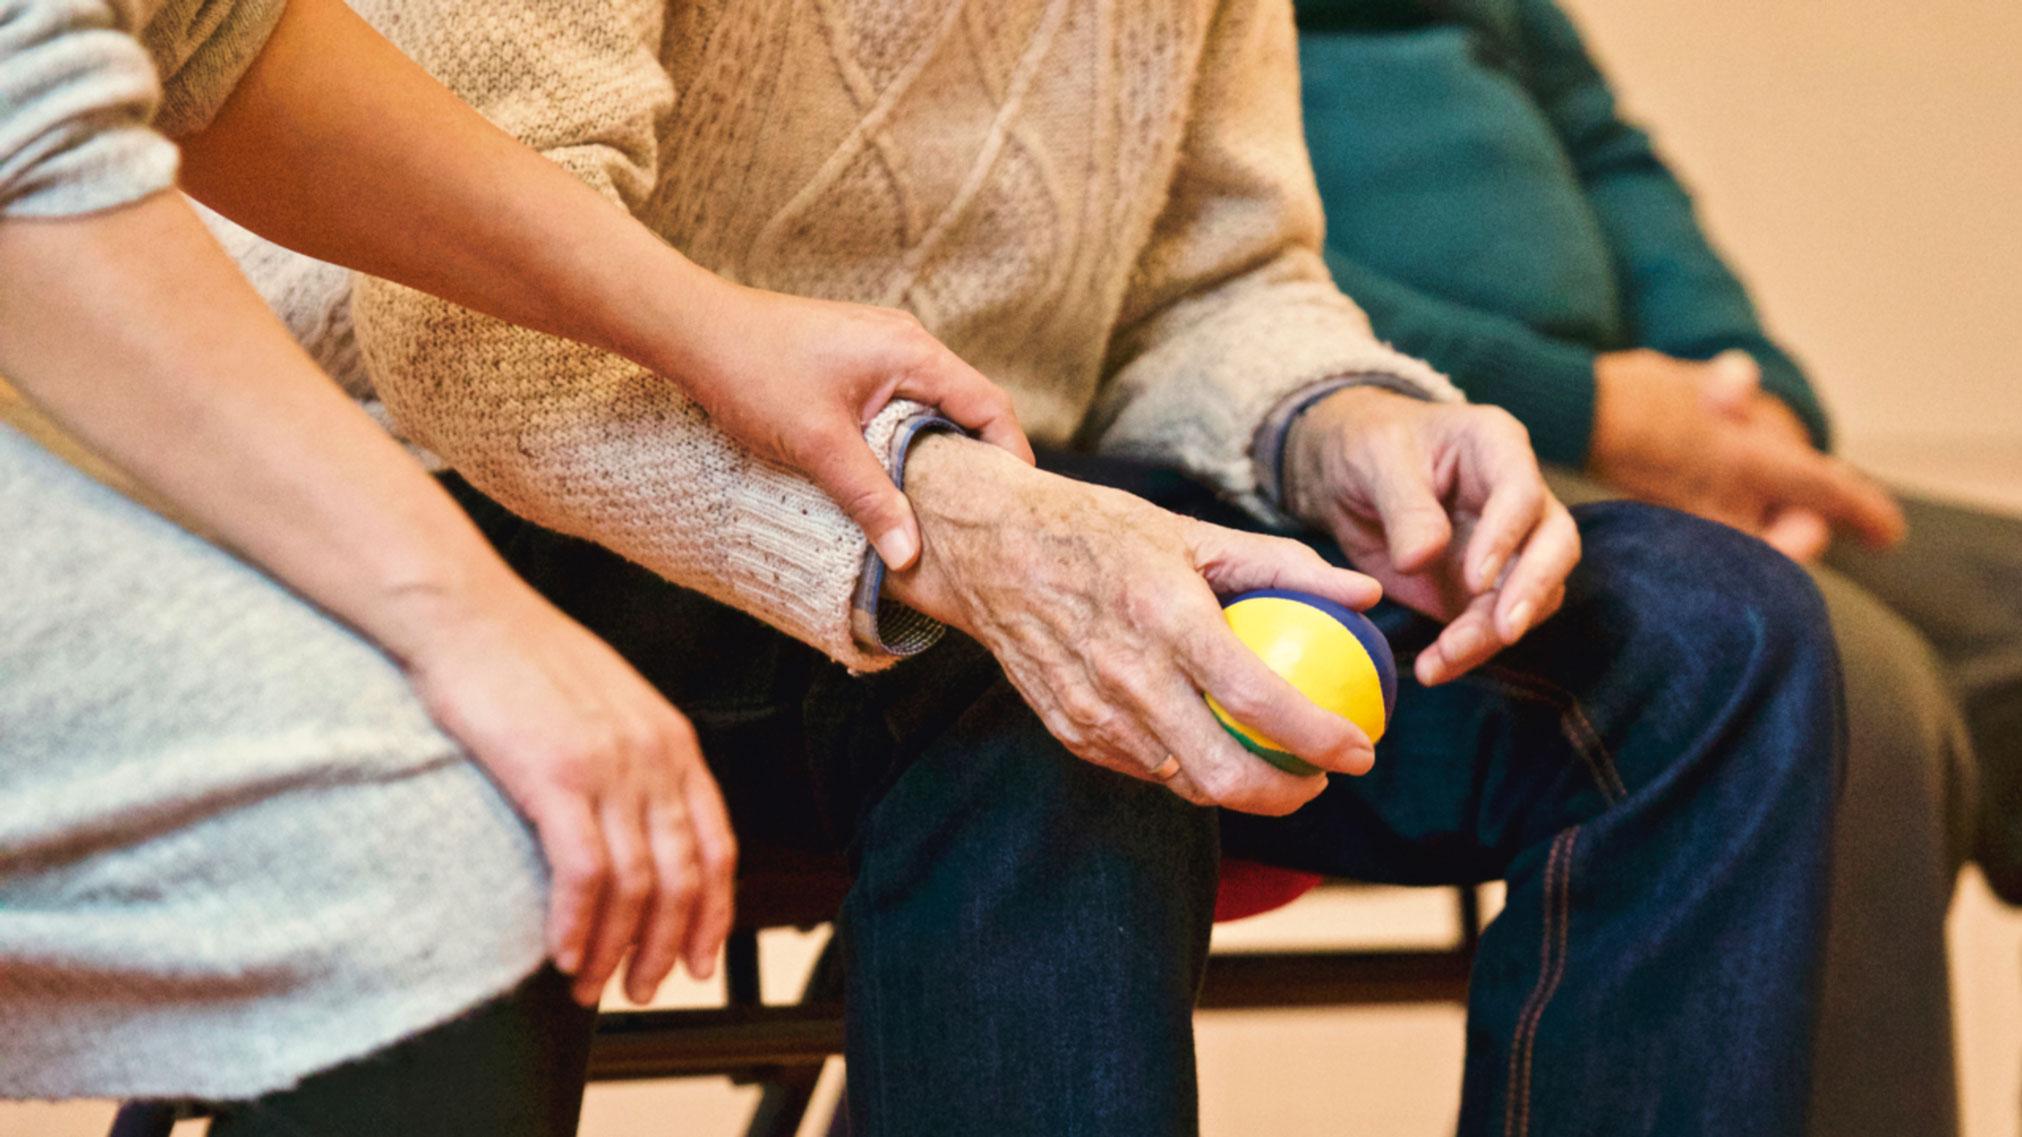 mega-theme-demo-elderly-care-1.jpg